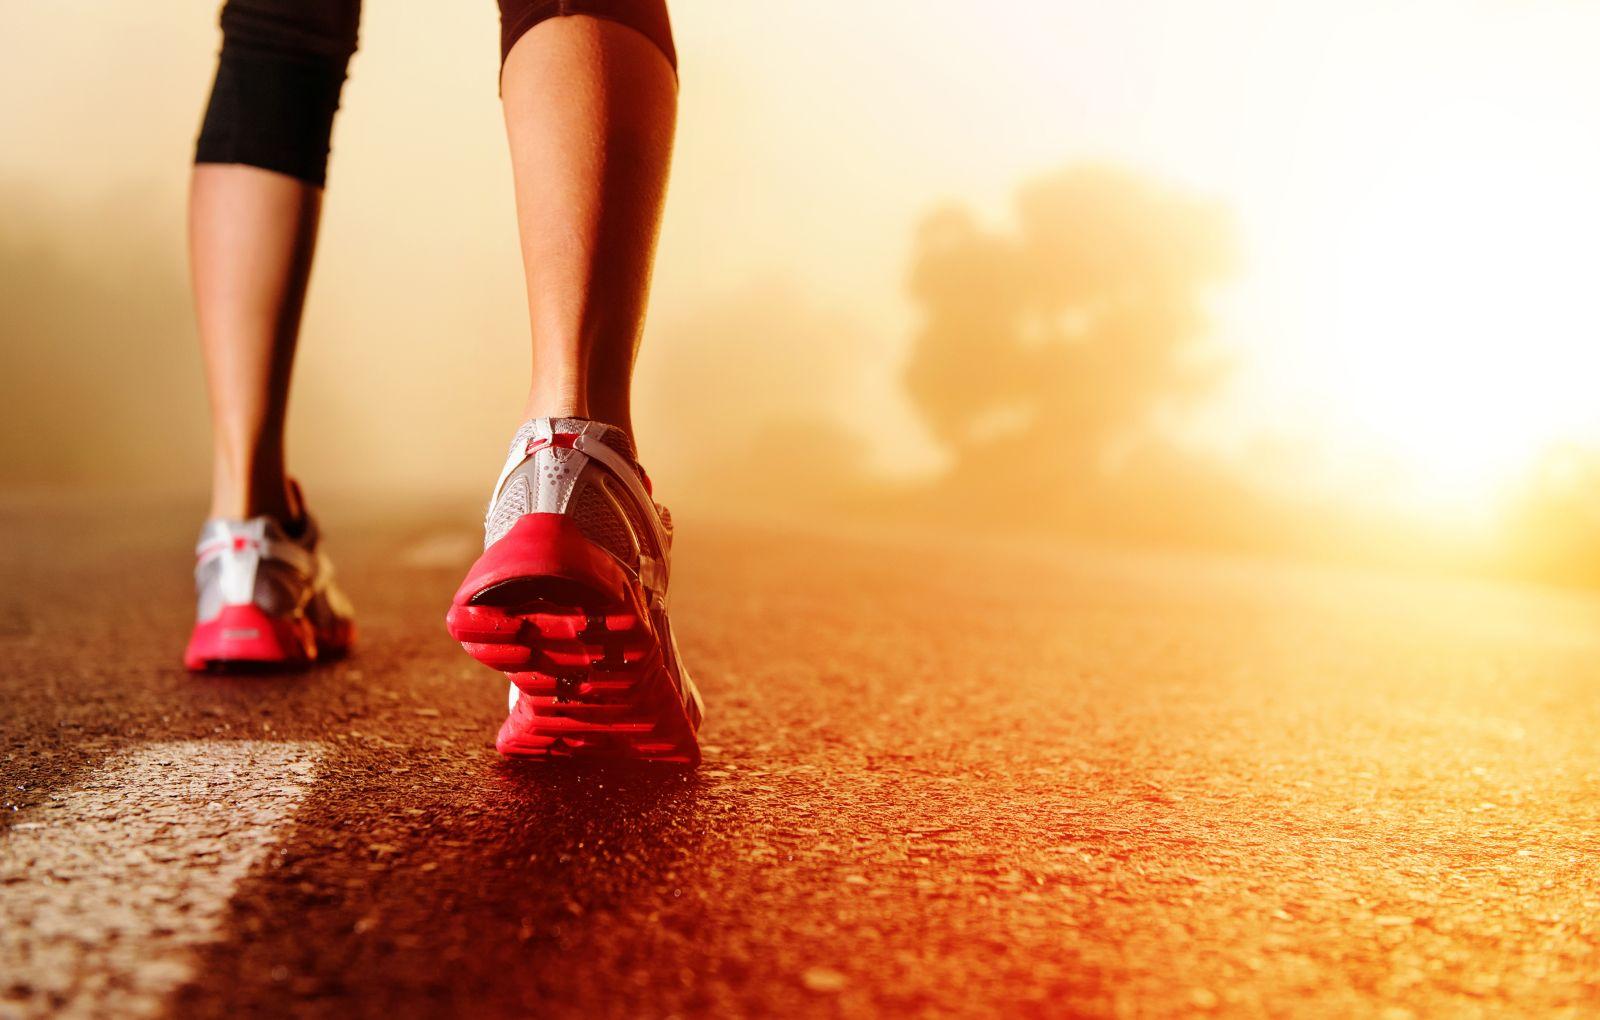 бег для новичков программа похудения